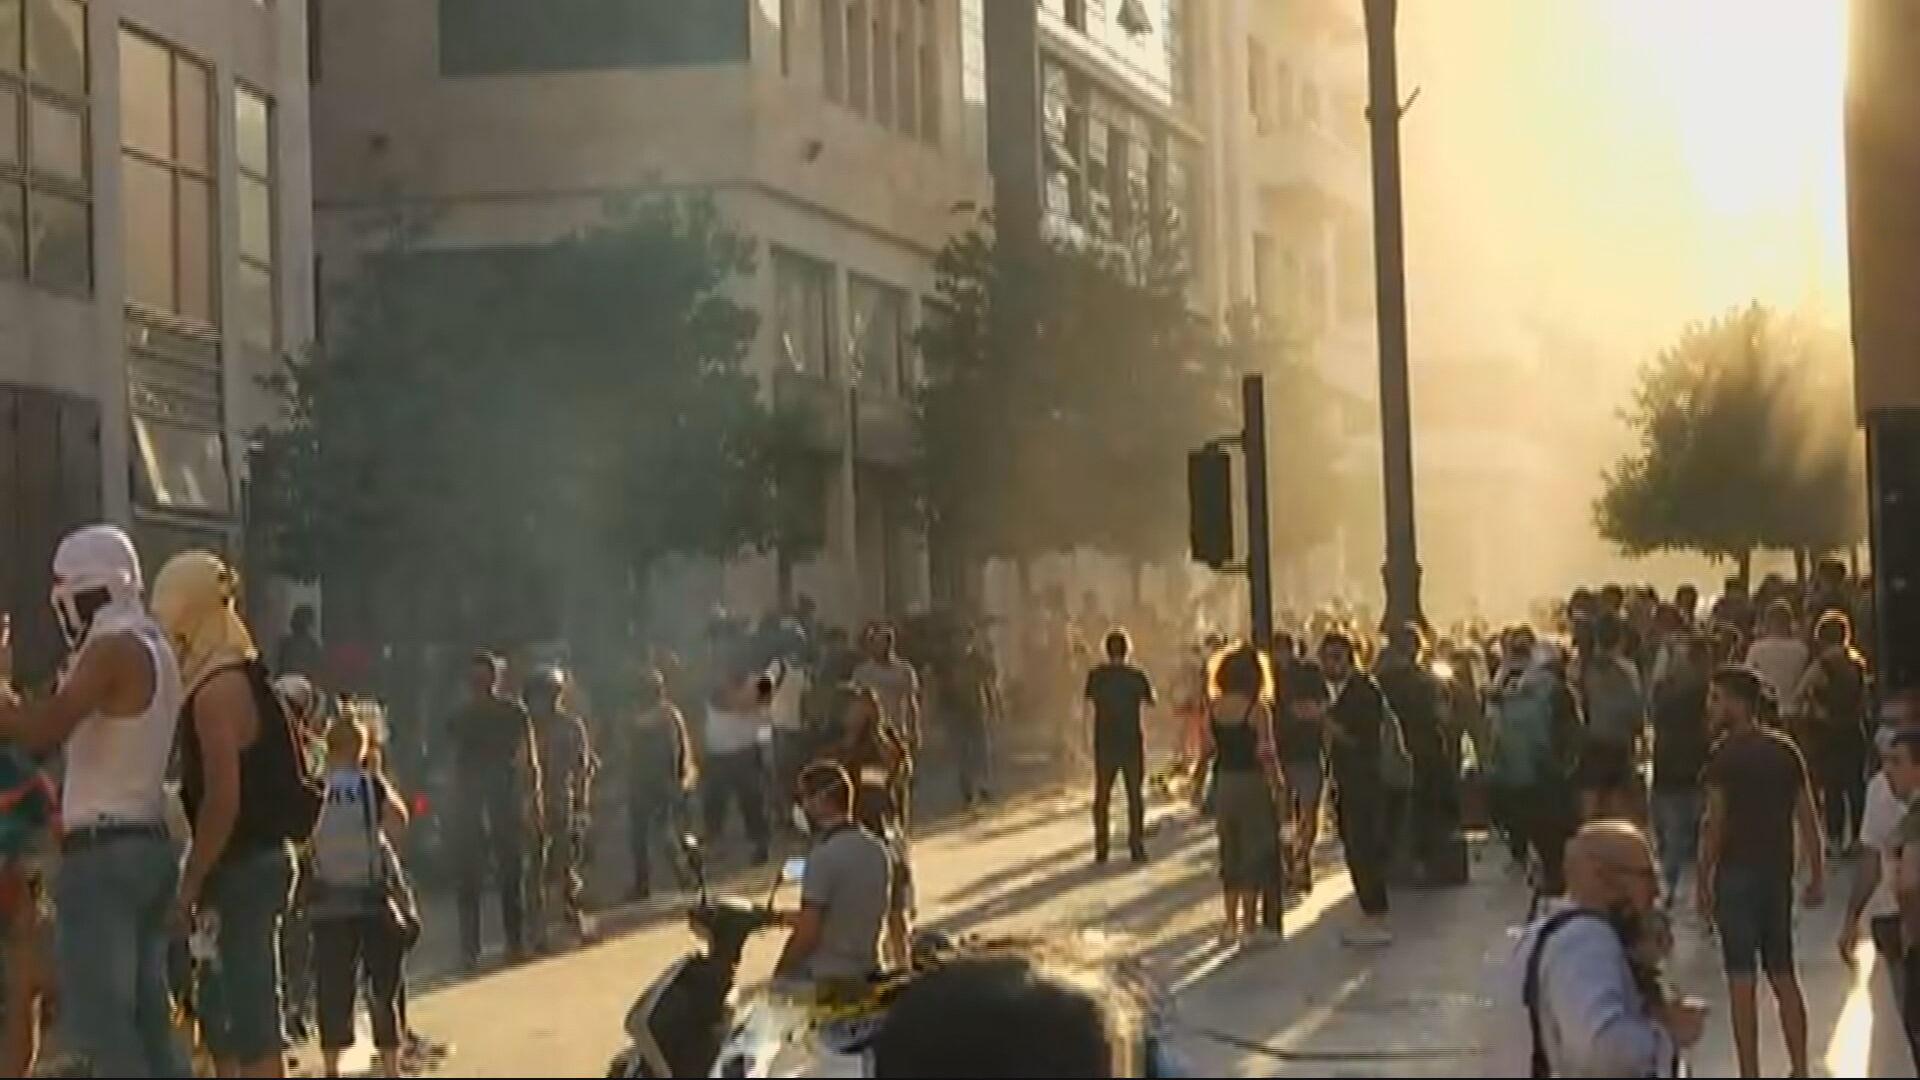 Líbano registra novo dia de protestos após grande explosão em região portuária